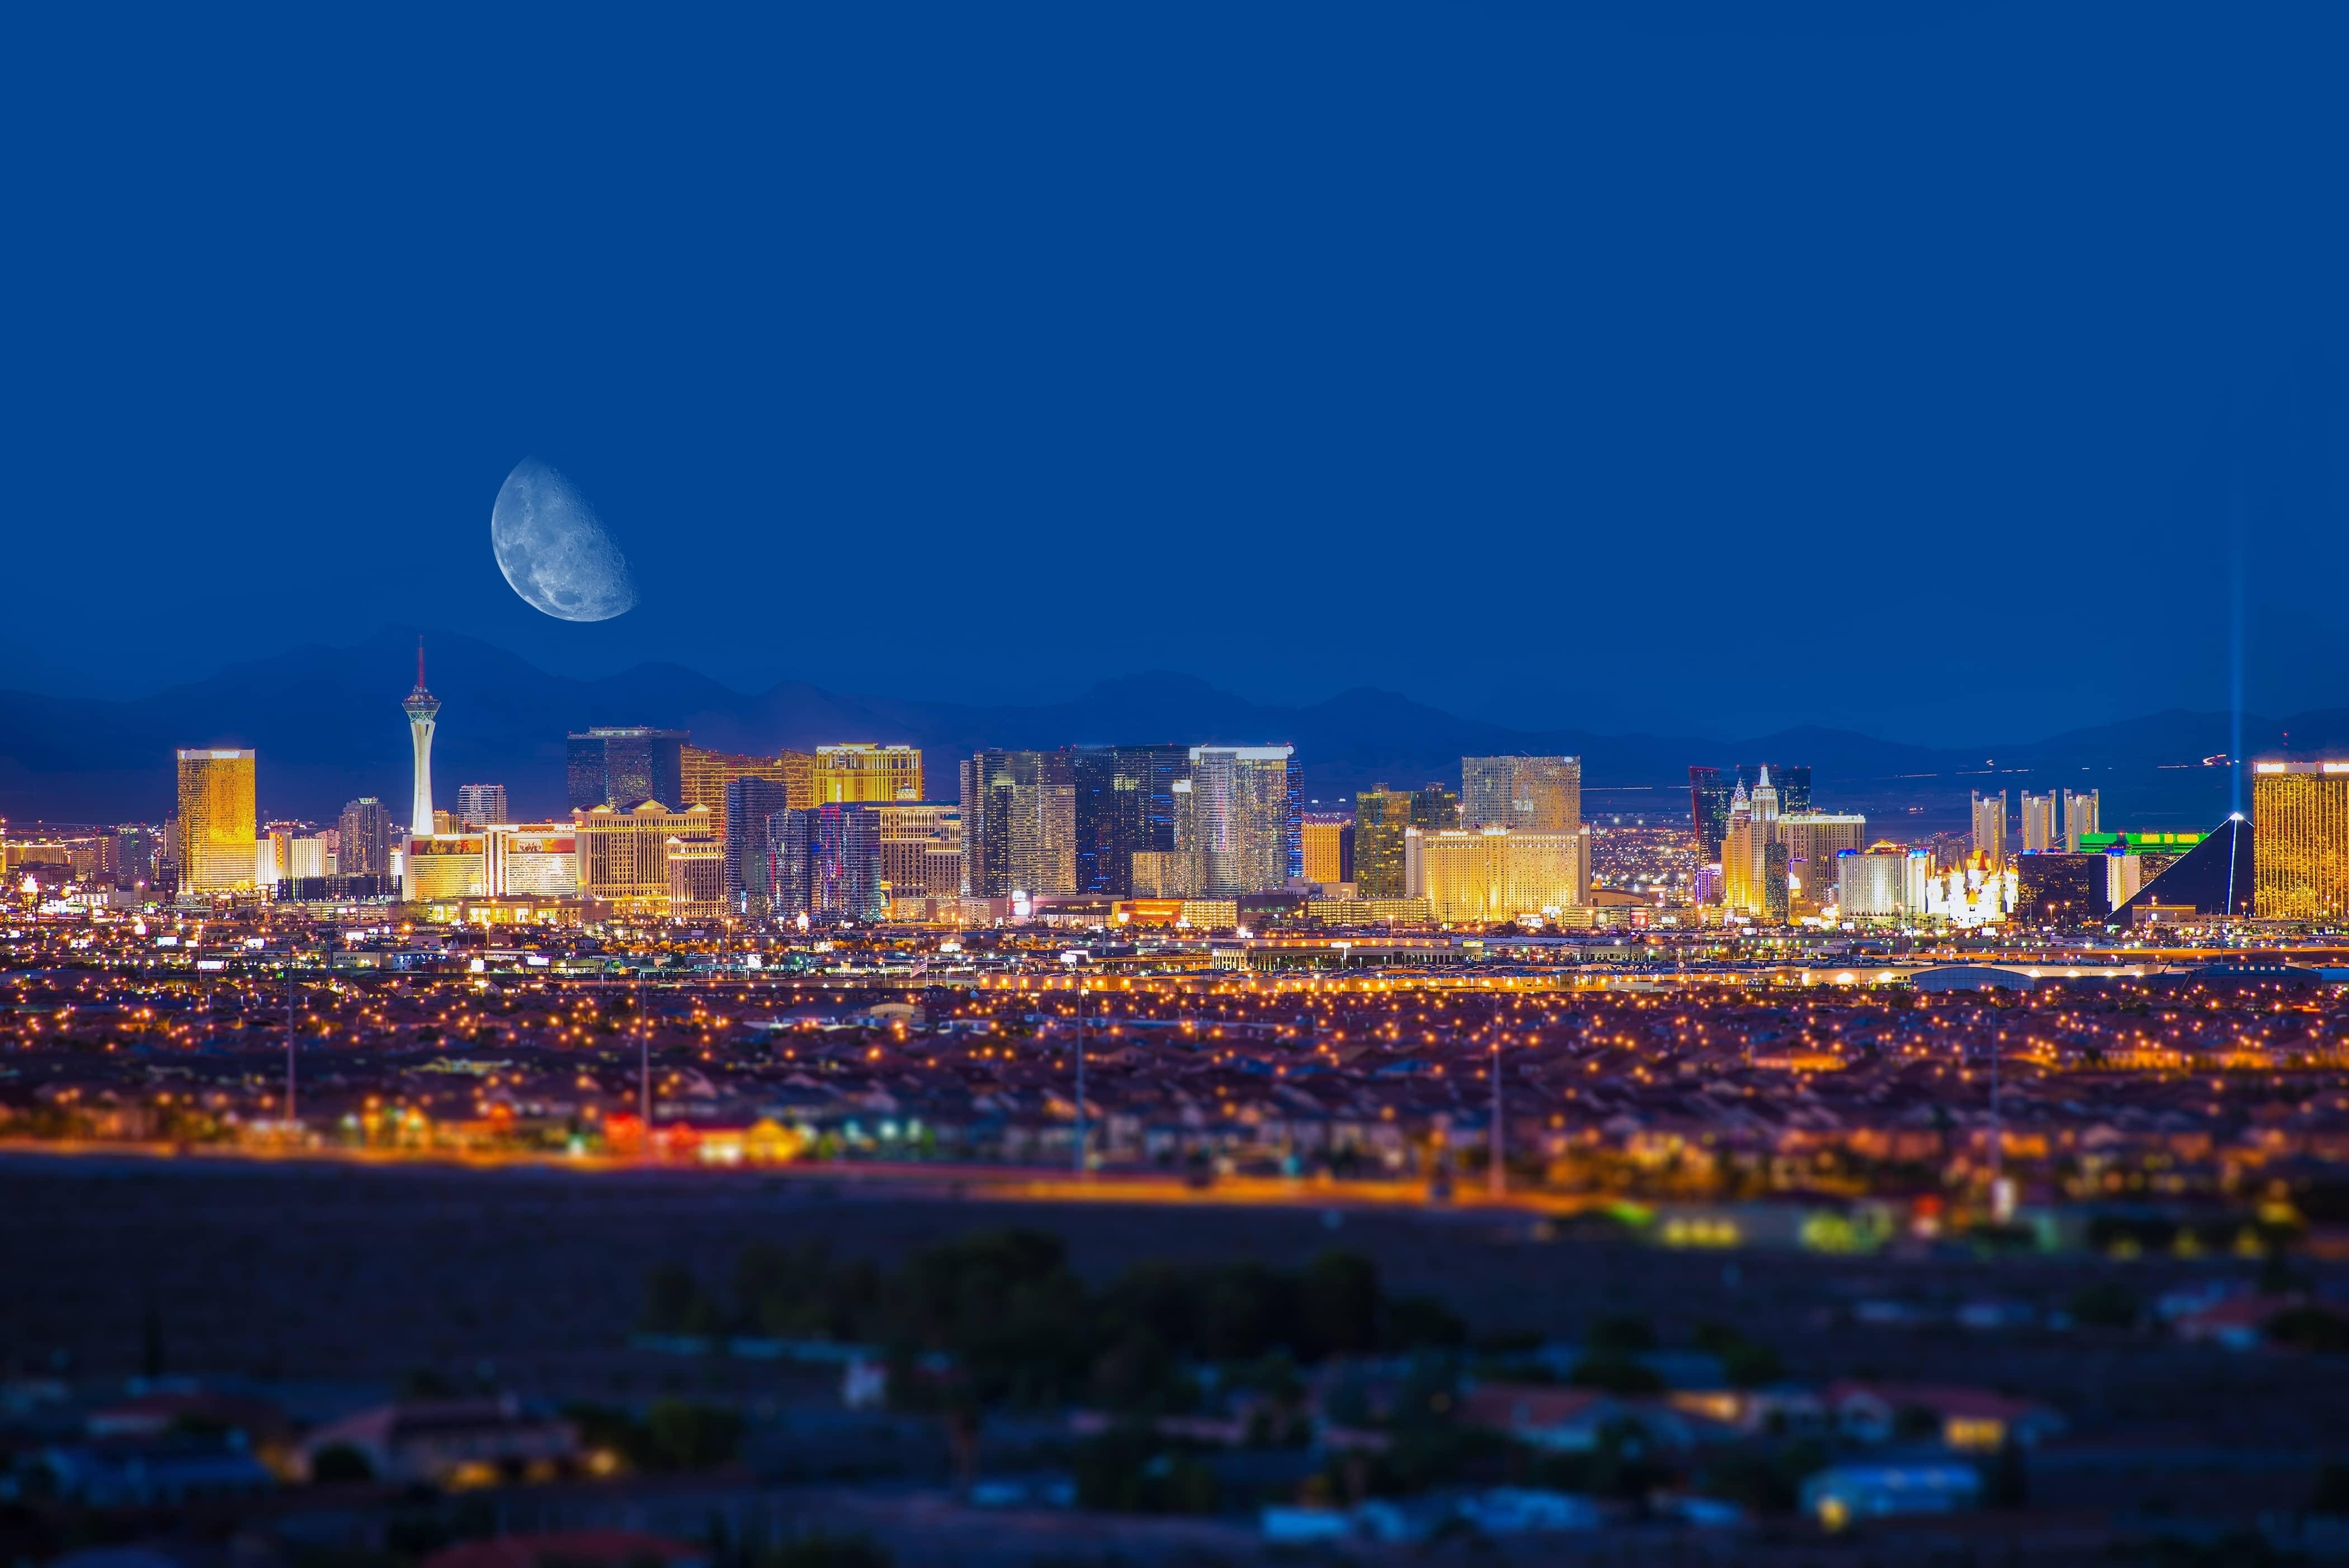 City in Nevada